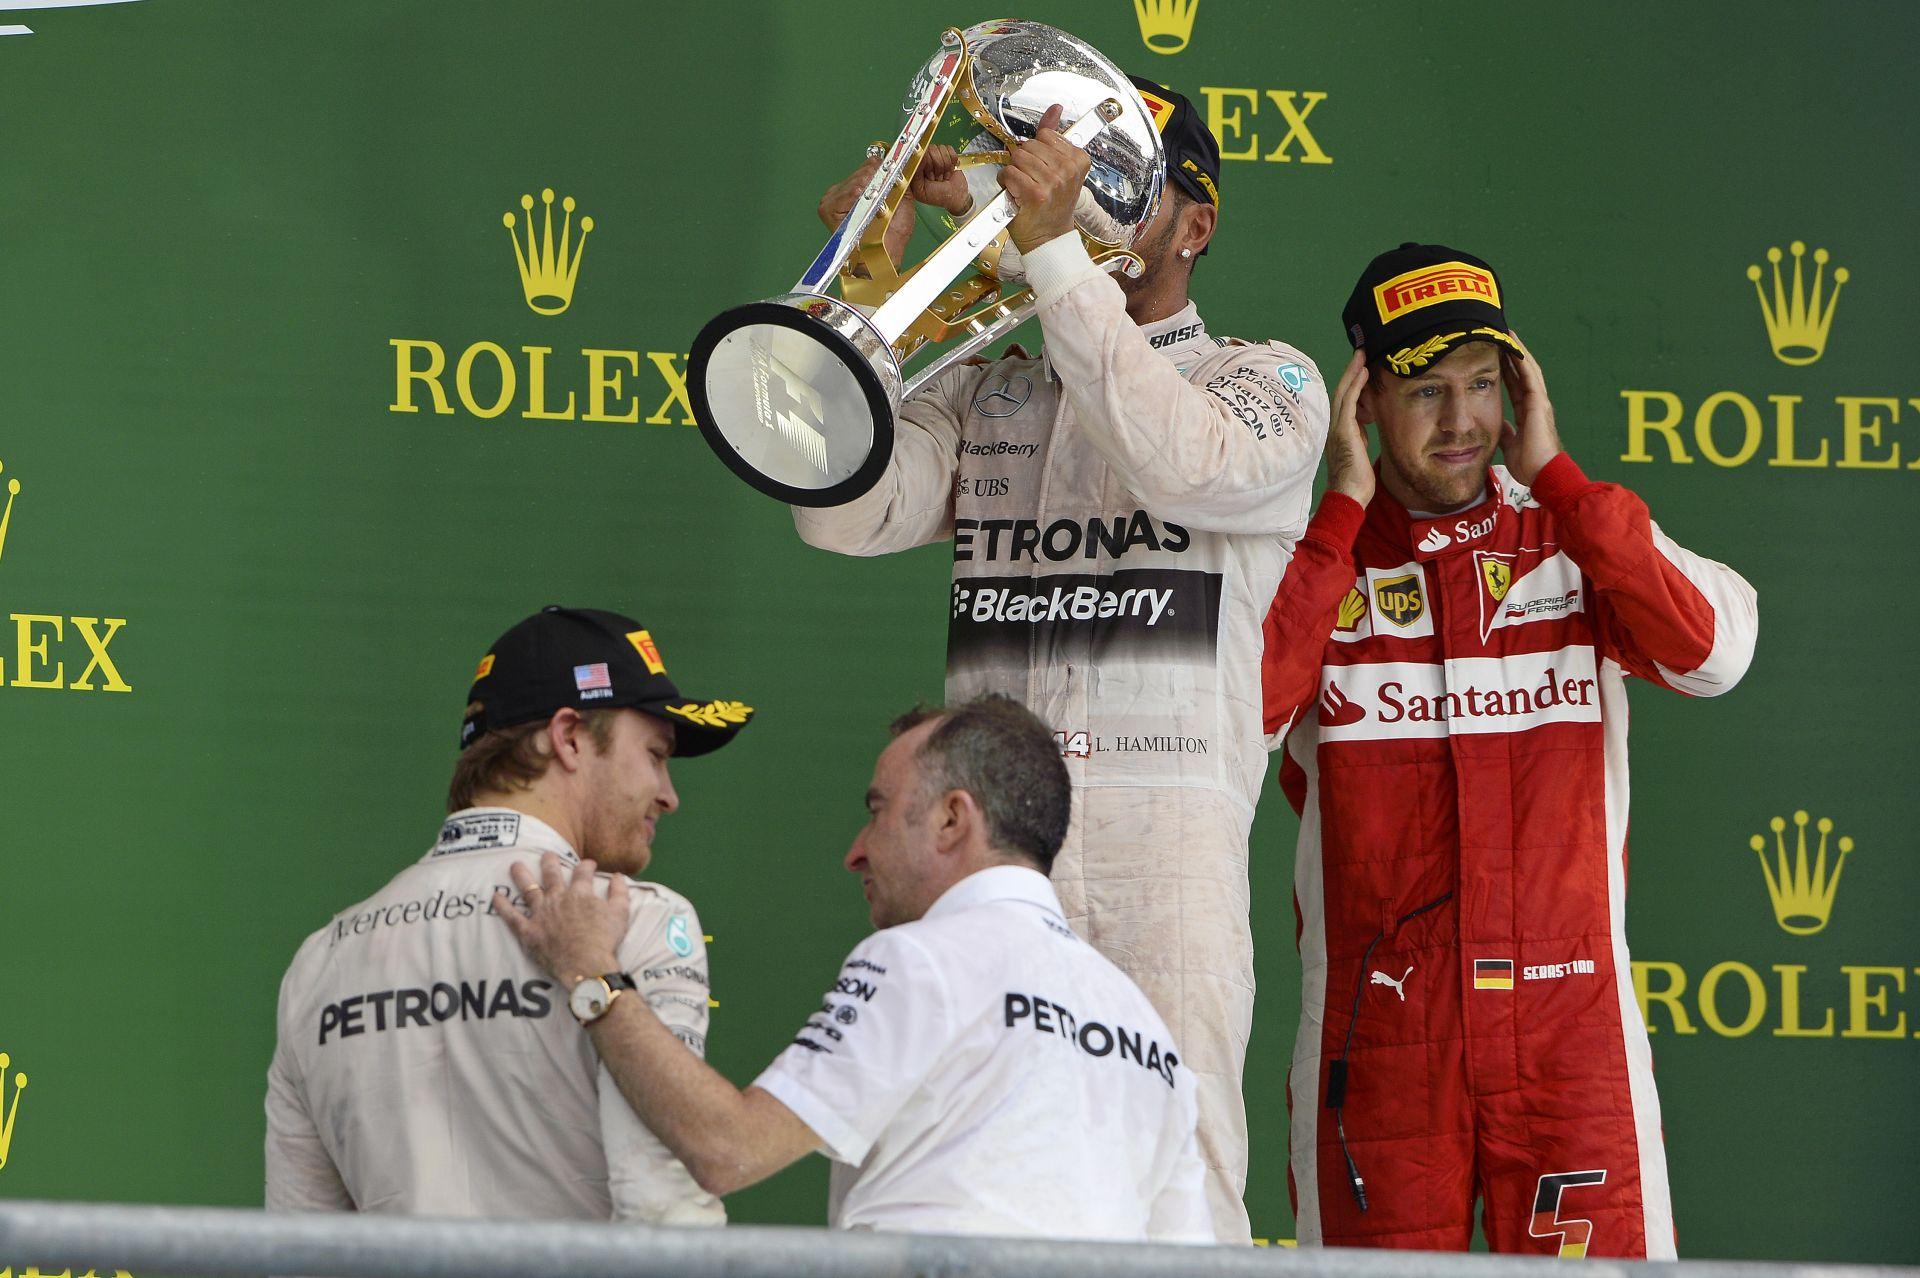 Lewis nem tartotta magát a szabályokhoz, visszakapta a sapkát, amit Rosberg hasához dobott